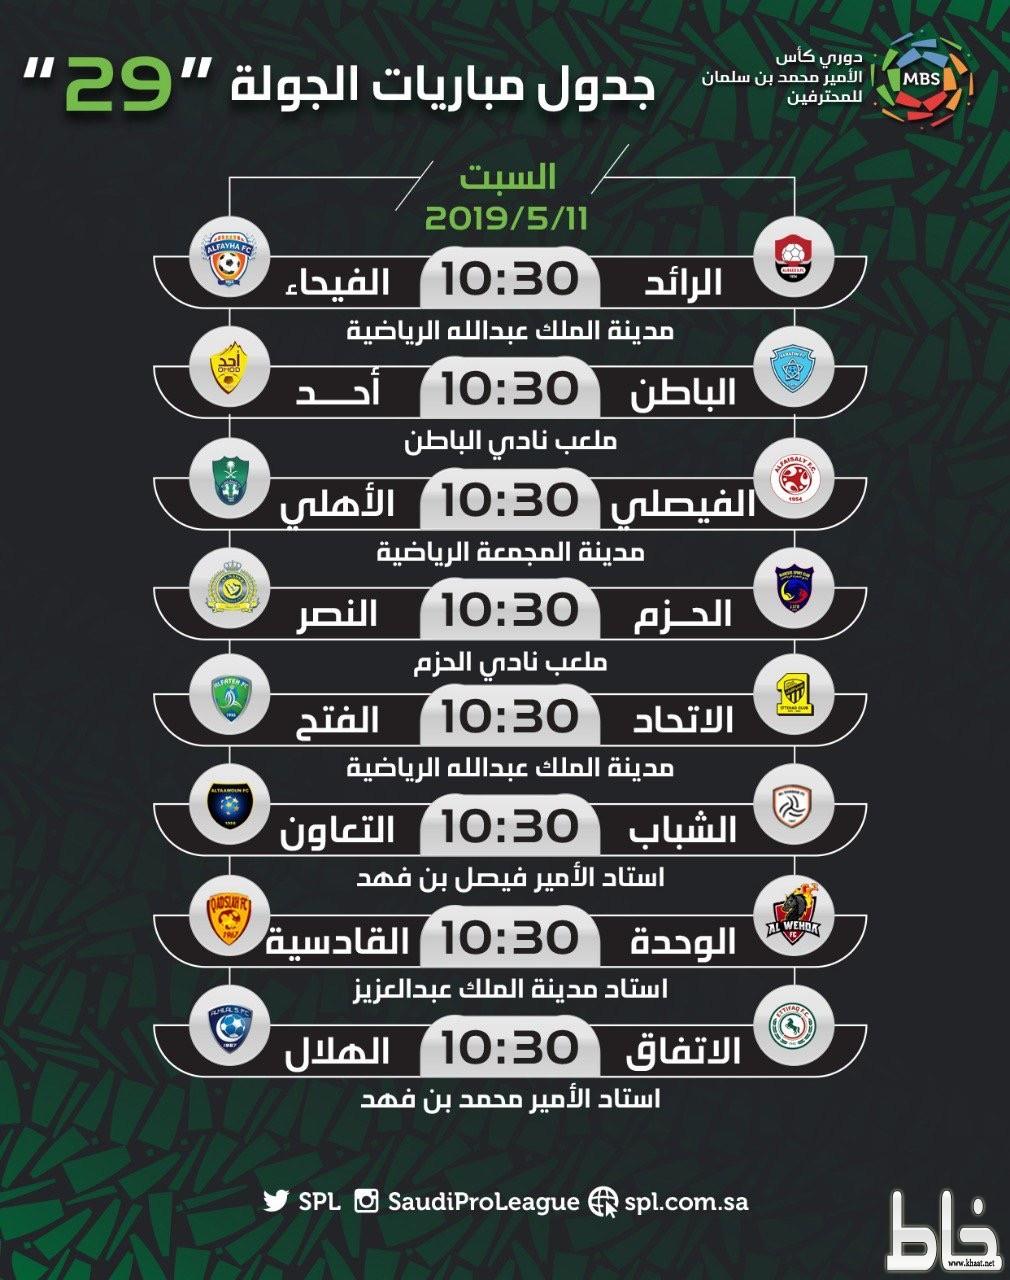 الجولة ٢٩ من دوري كأس محمد بن سلمان للمحترفين .. ٥ مباريات مباشرة و٣ مسجلة